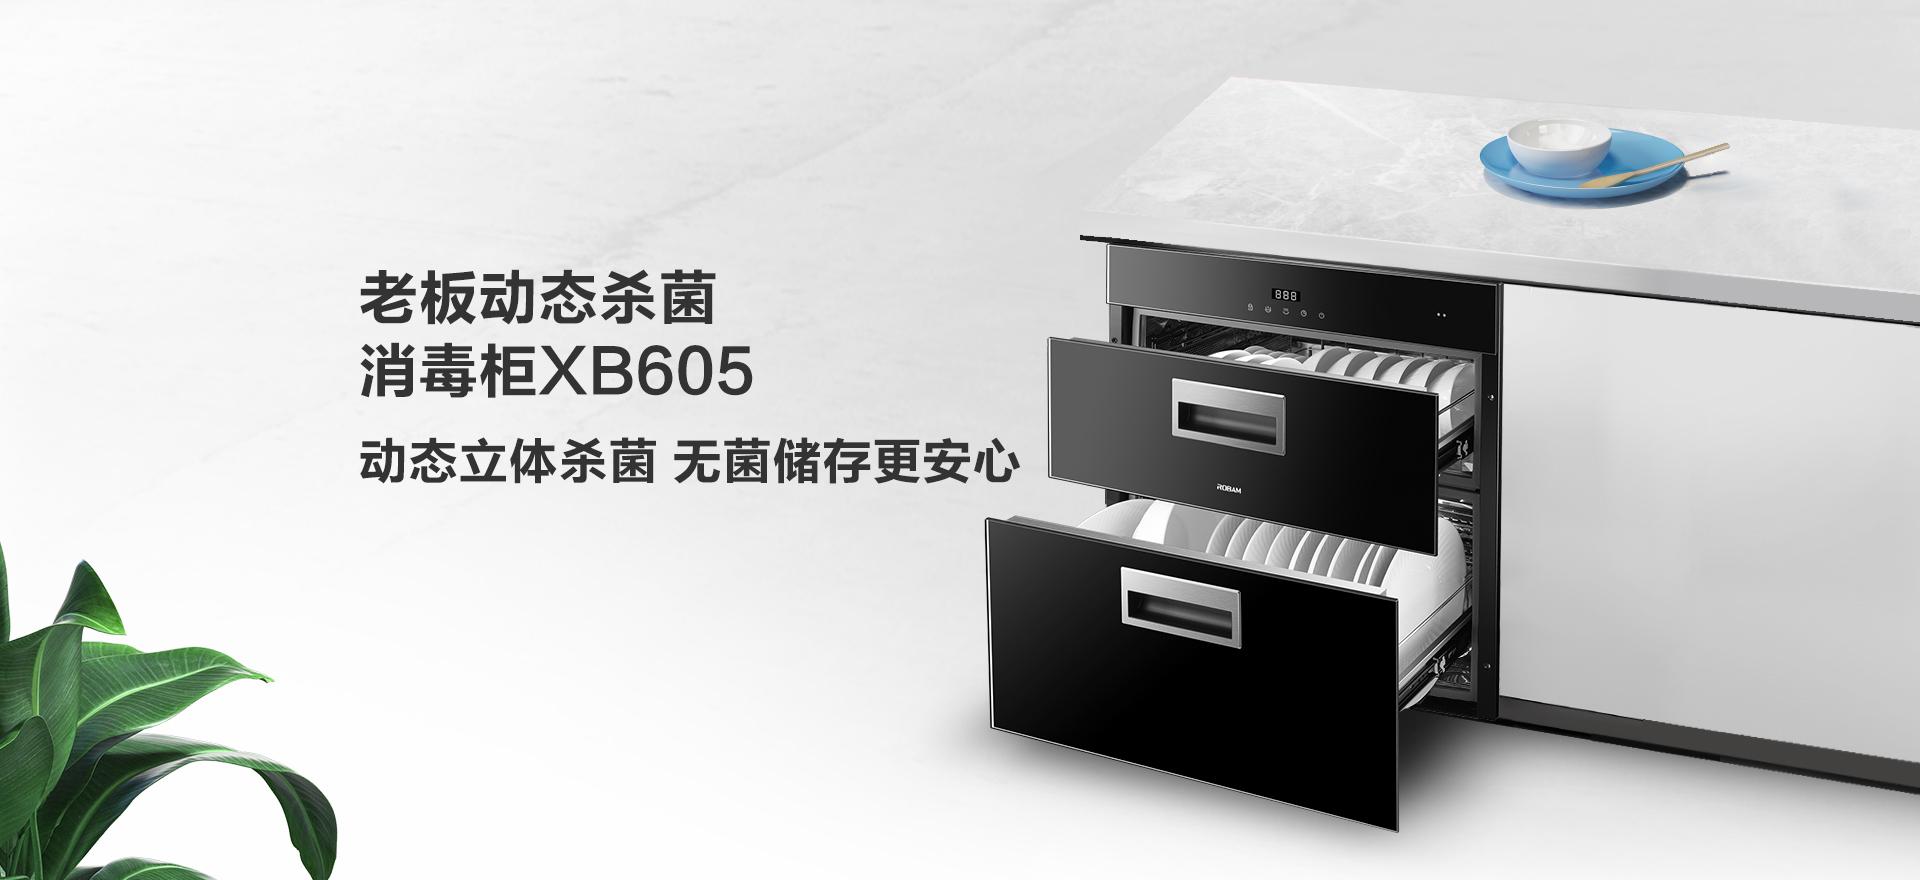 XB605消毒柜-上新-PC端-200827_01.jpg